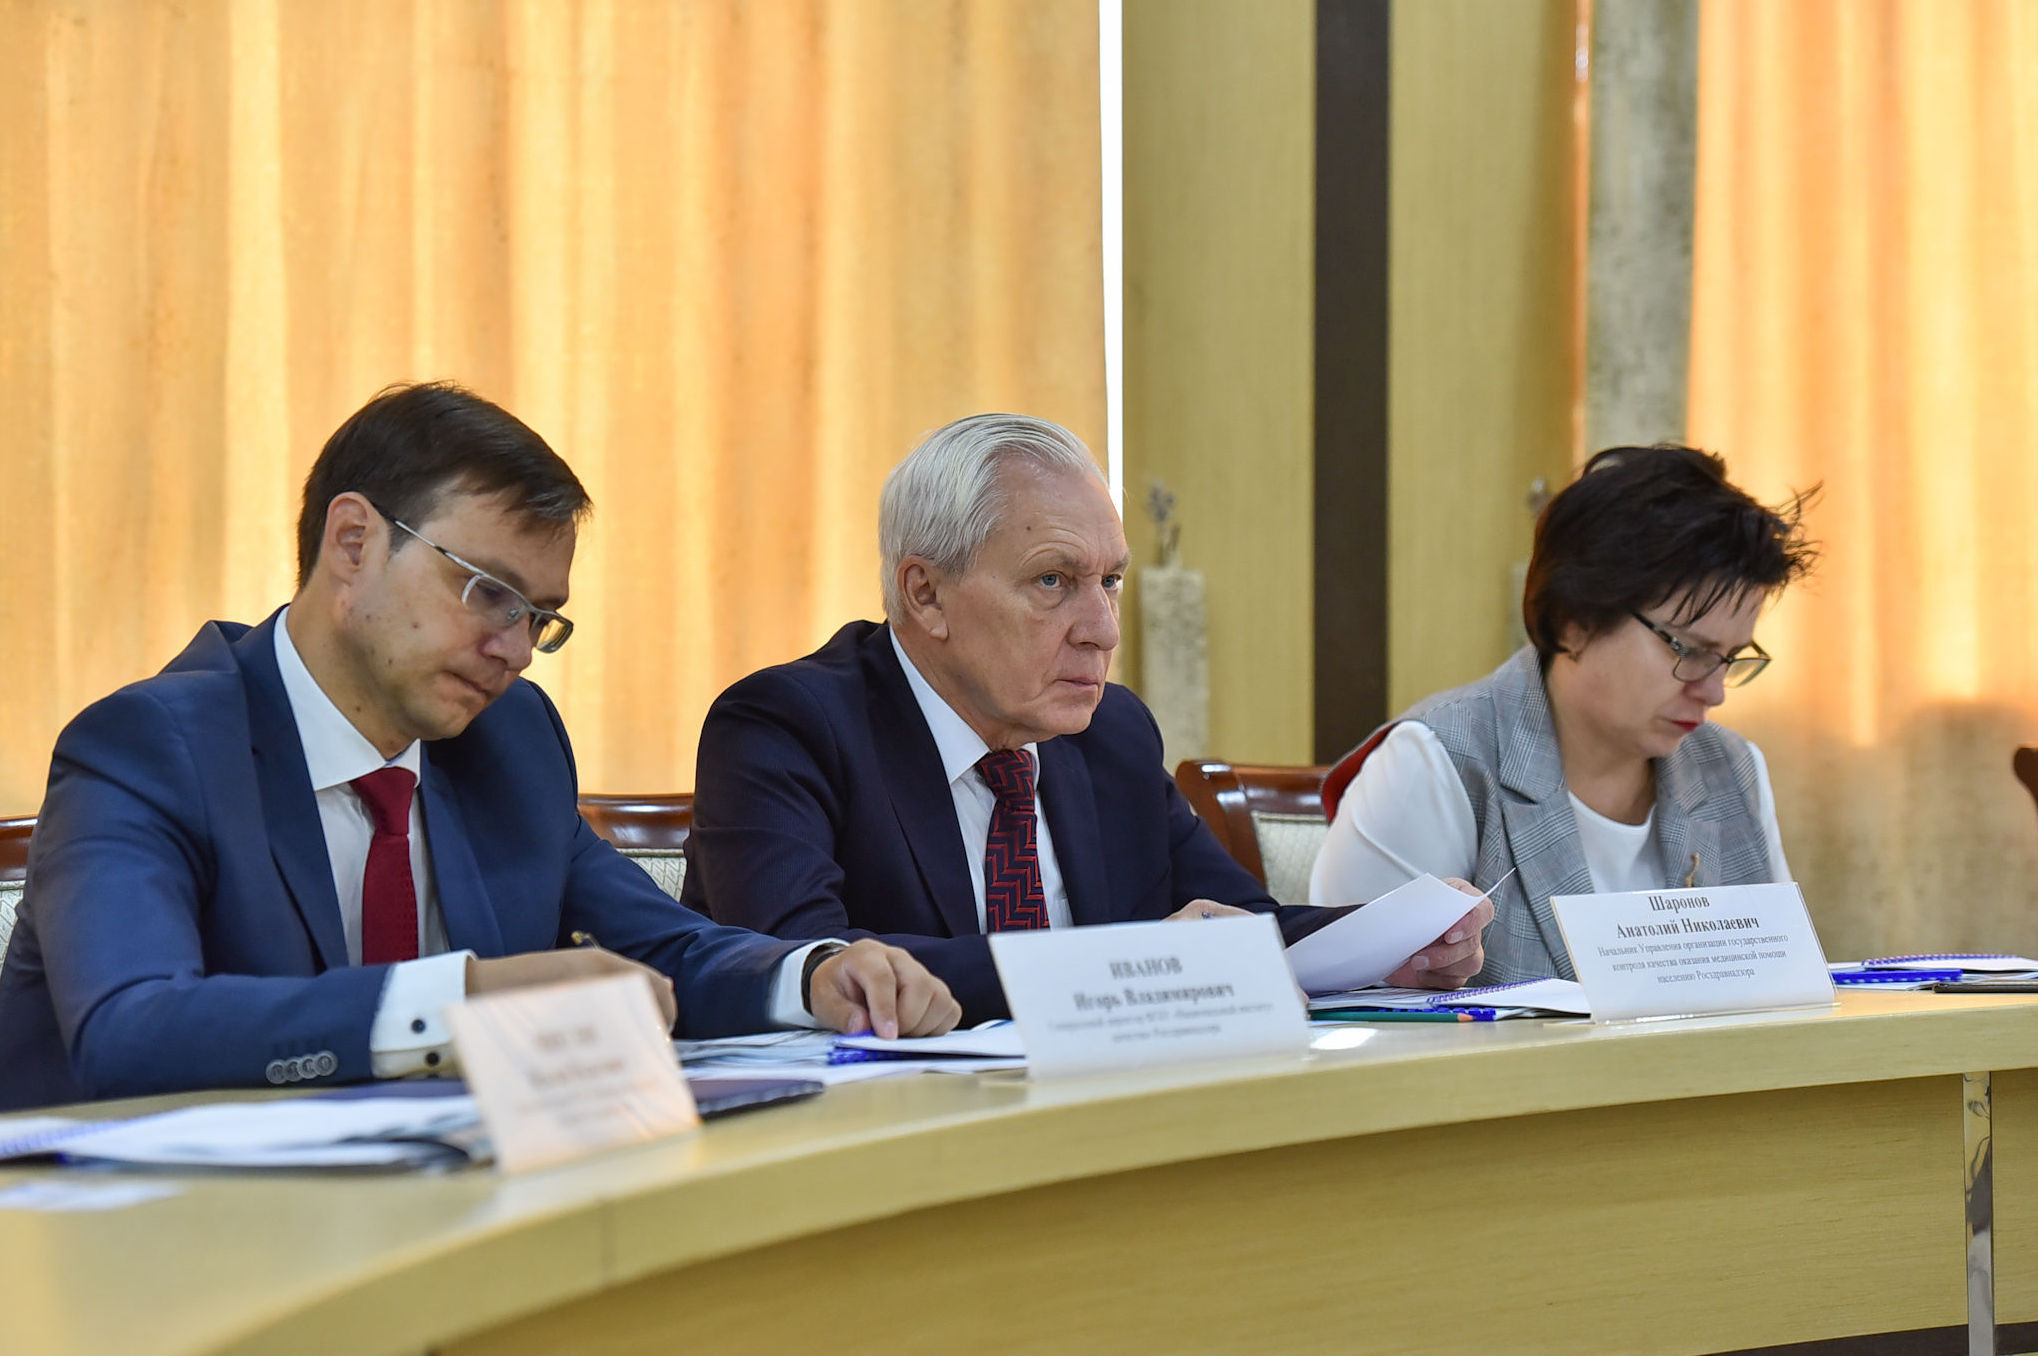 Директор национального института качества федеральной службы по надзору в сфере здравоохранения Игорь Иванов ( в центре)